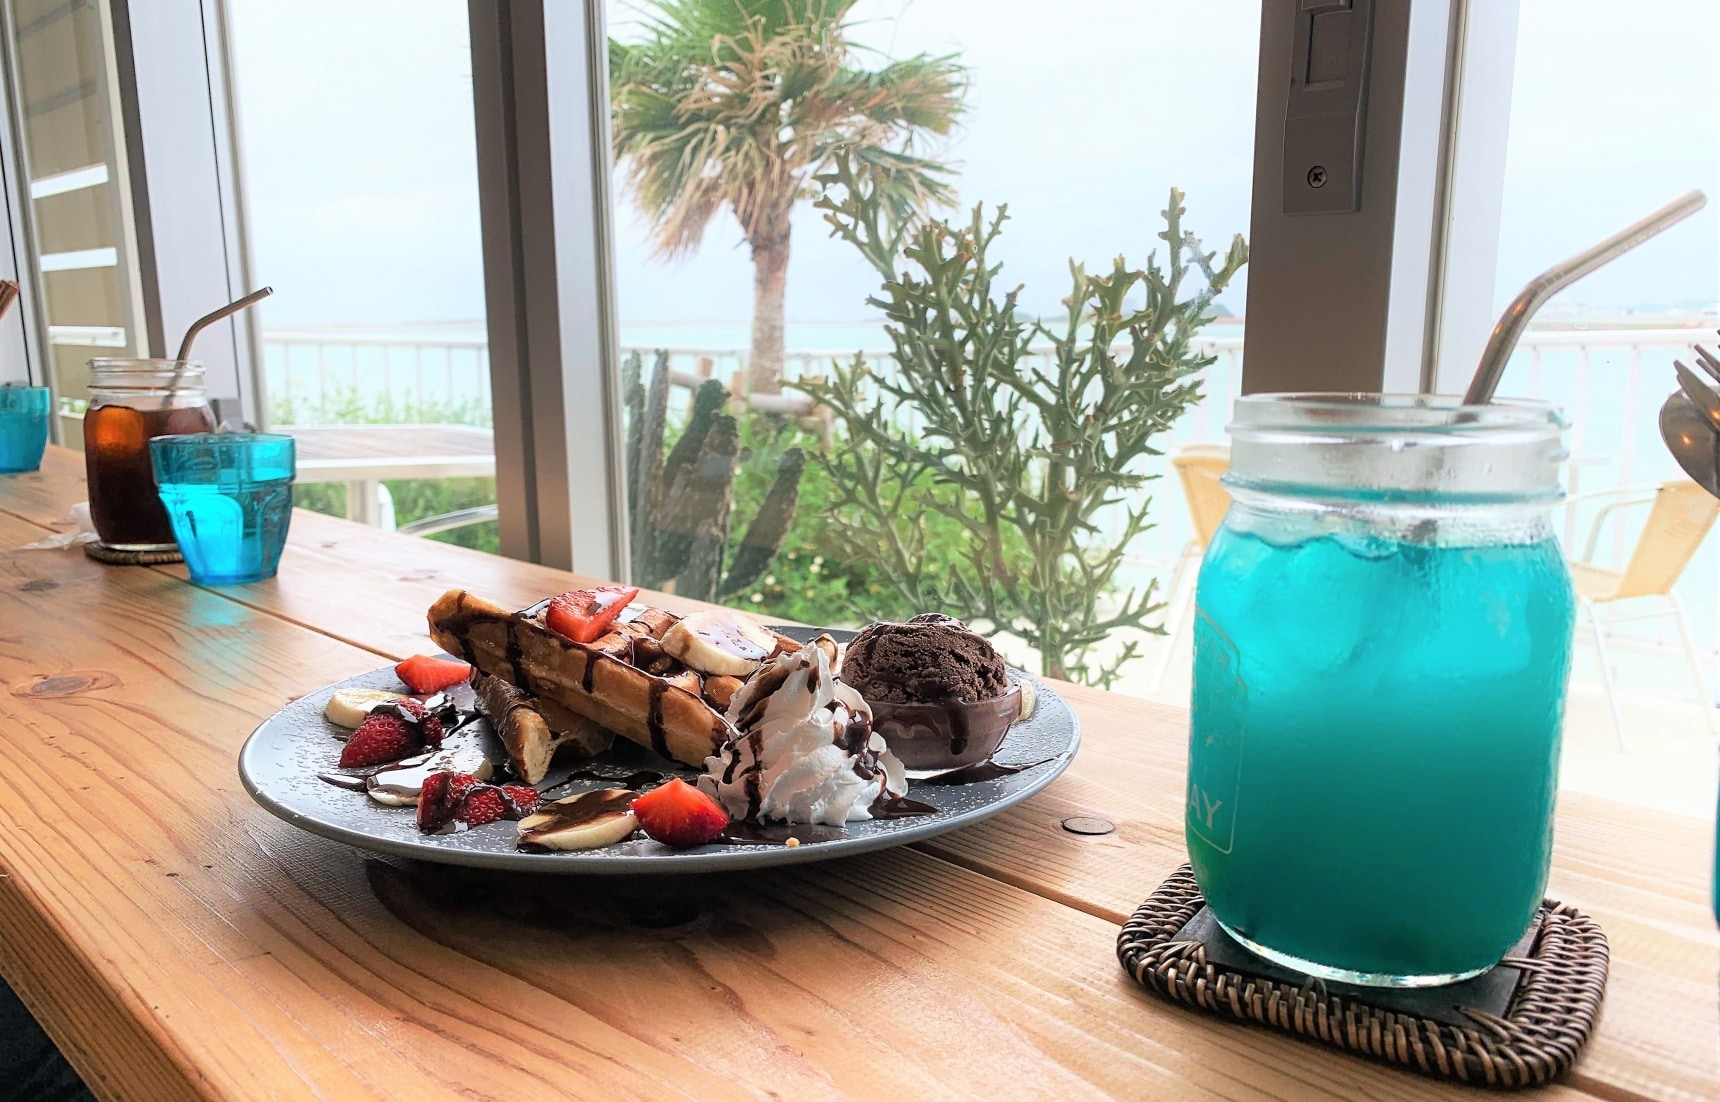 【沖繩自由行】神之島上的夏威夷!到「瀨長島Umikaji Terrace」來個悠閒的下午茶